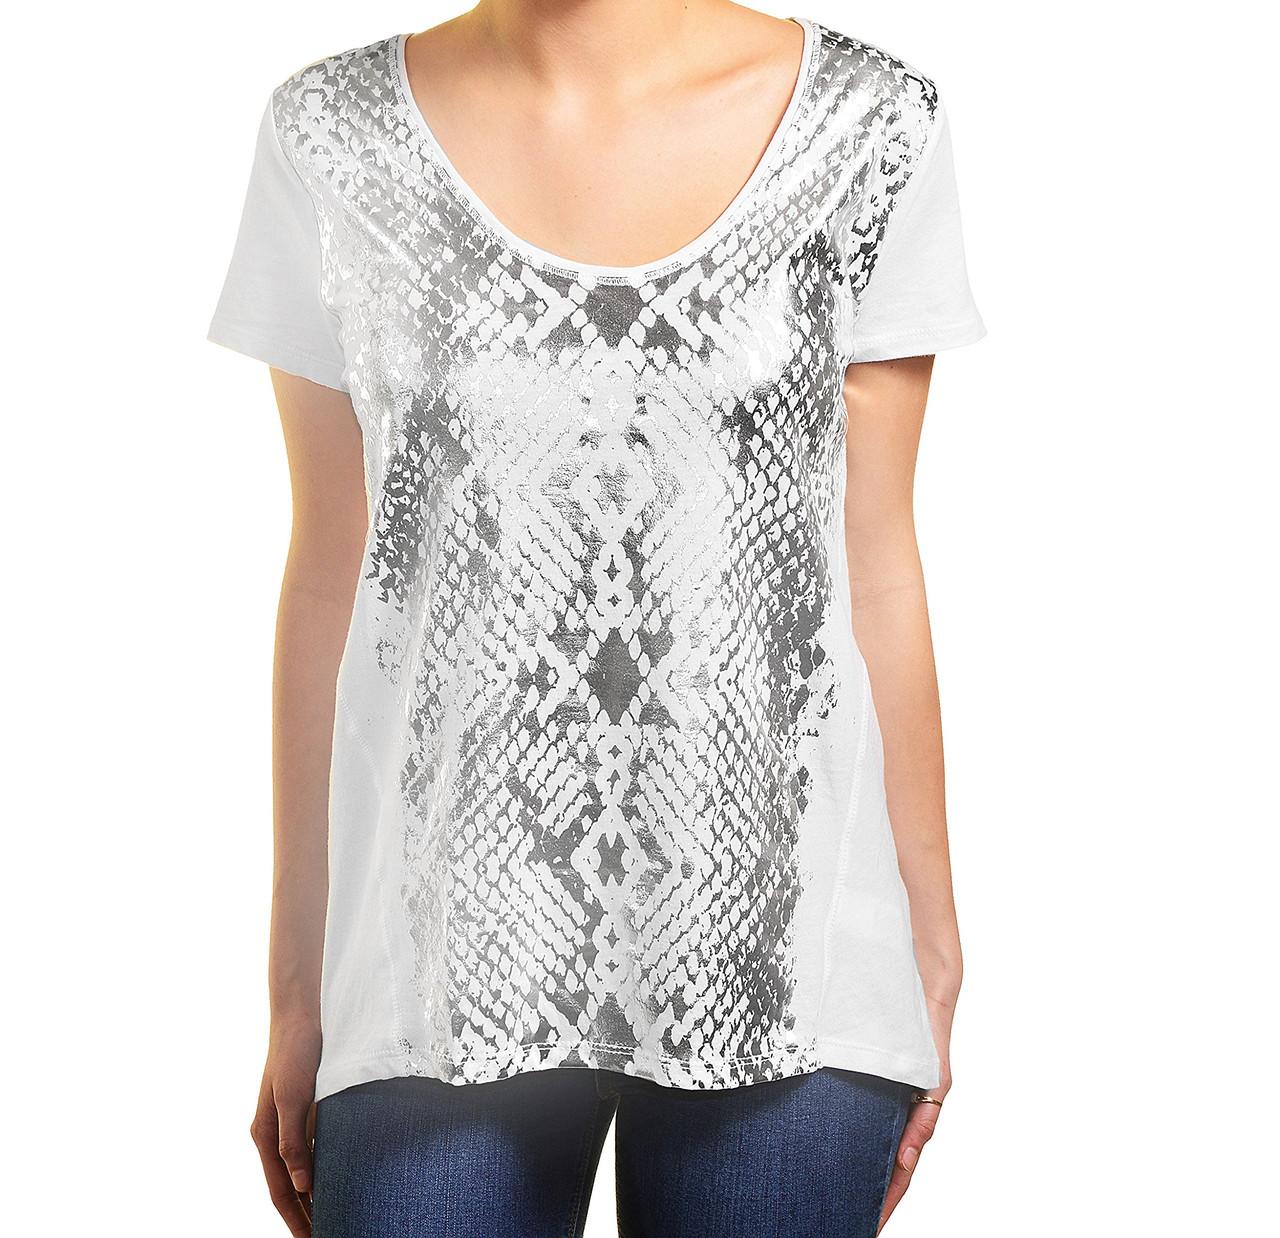 Футболка DKNY Jeans, Silver/White